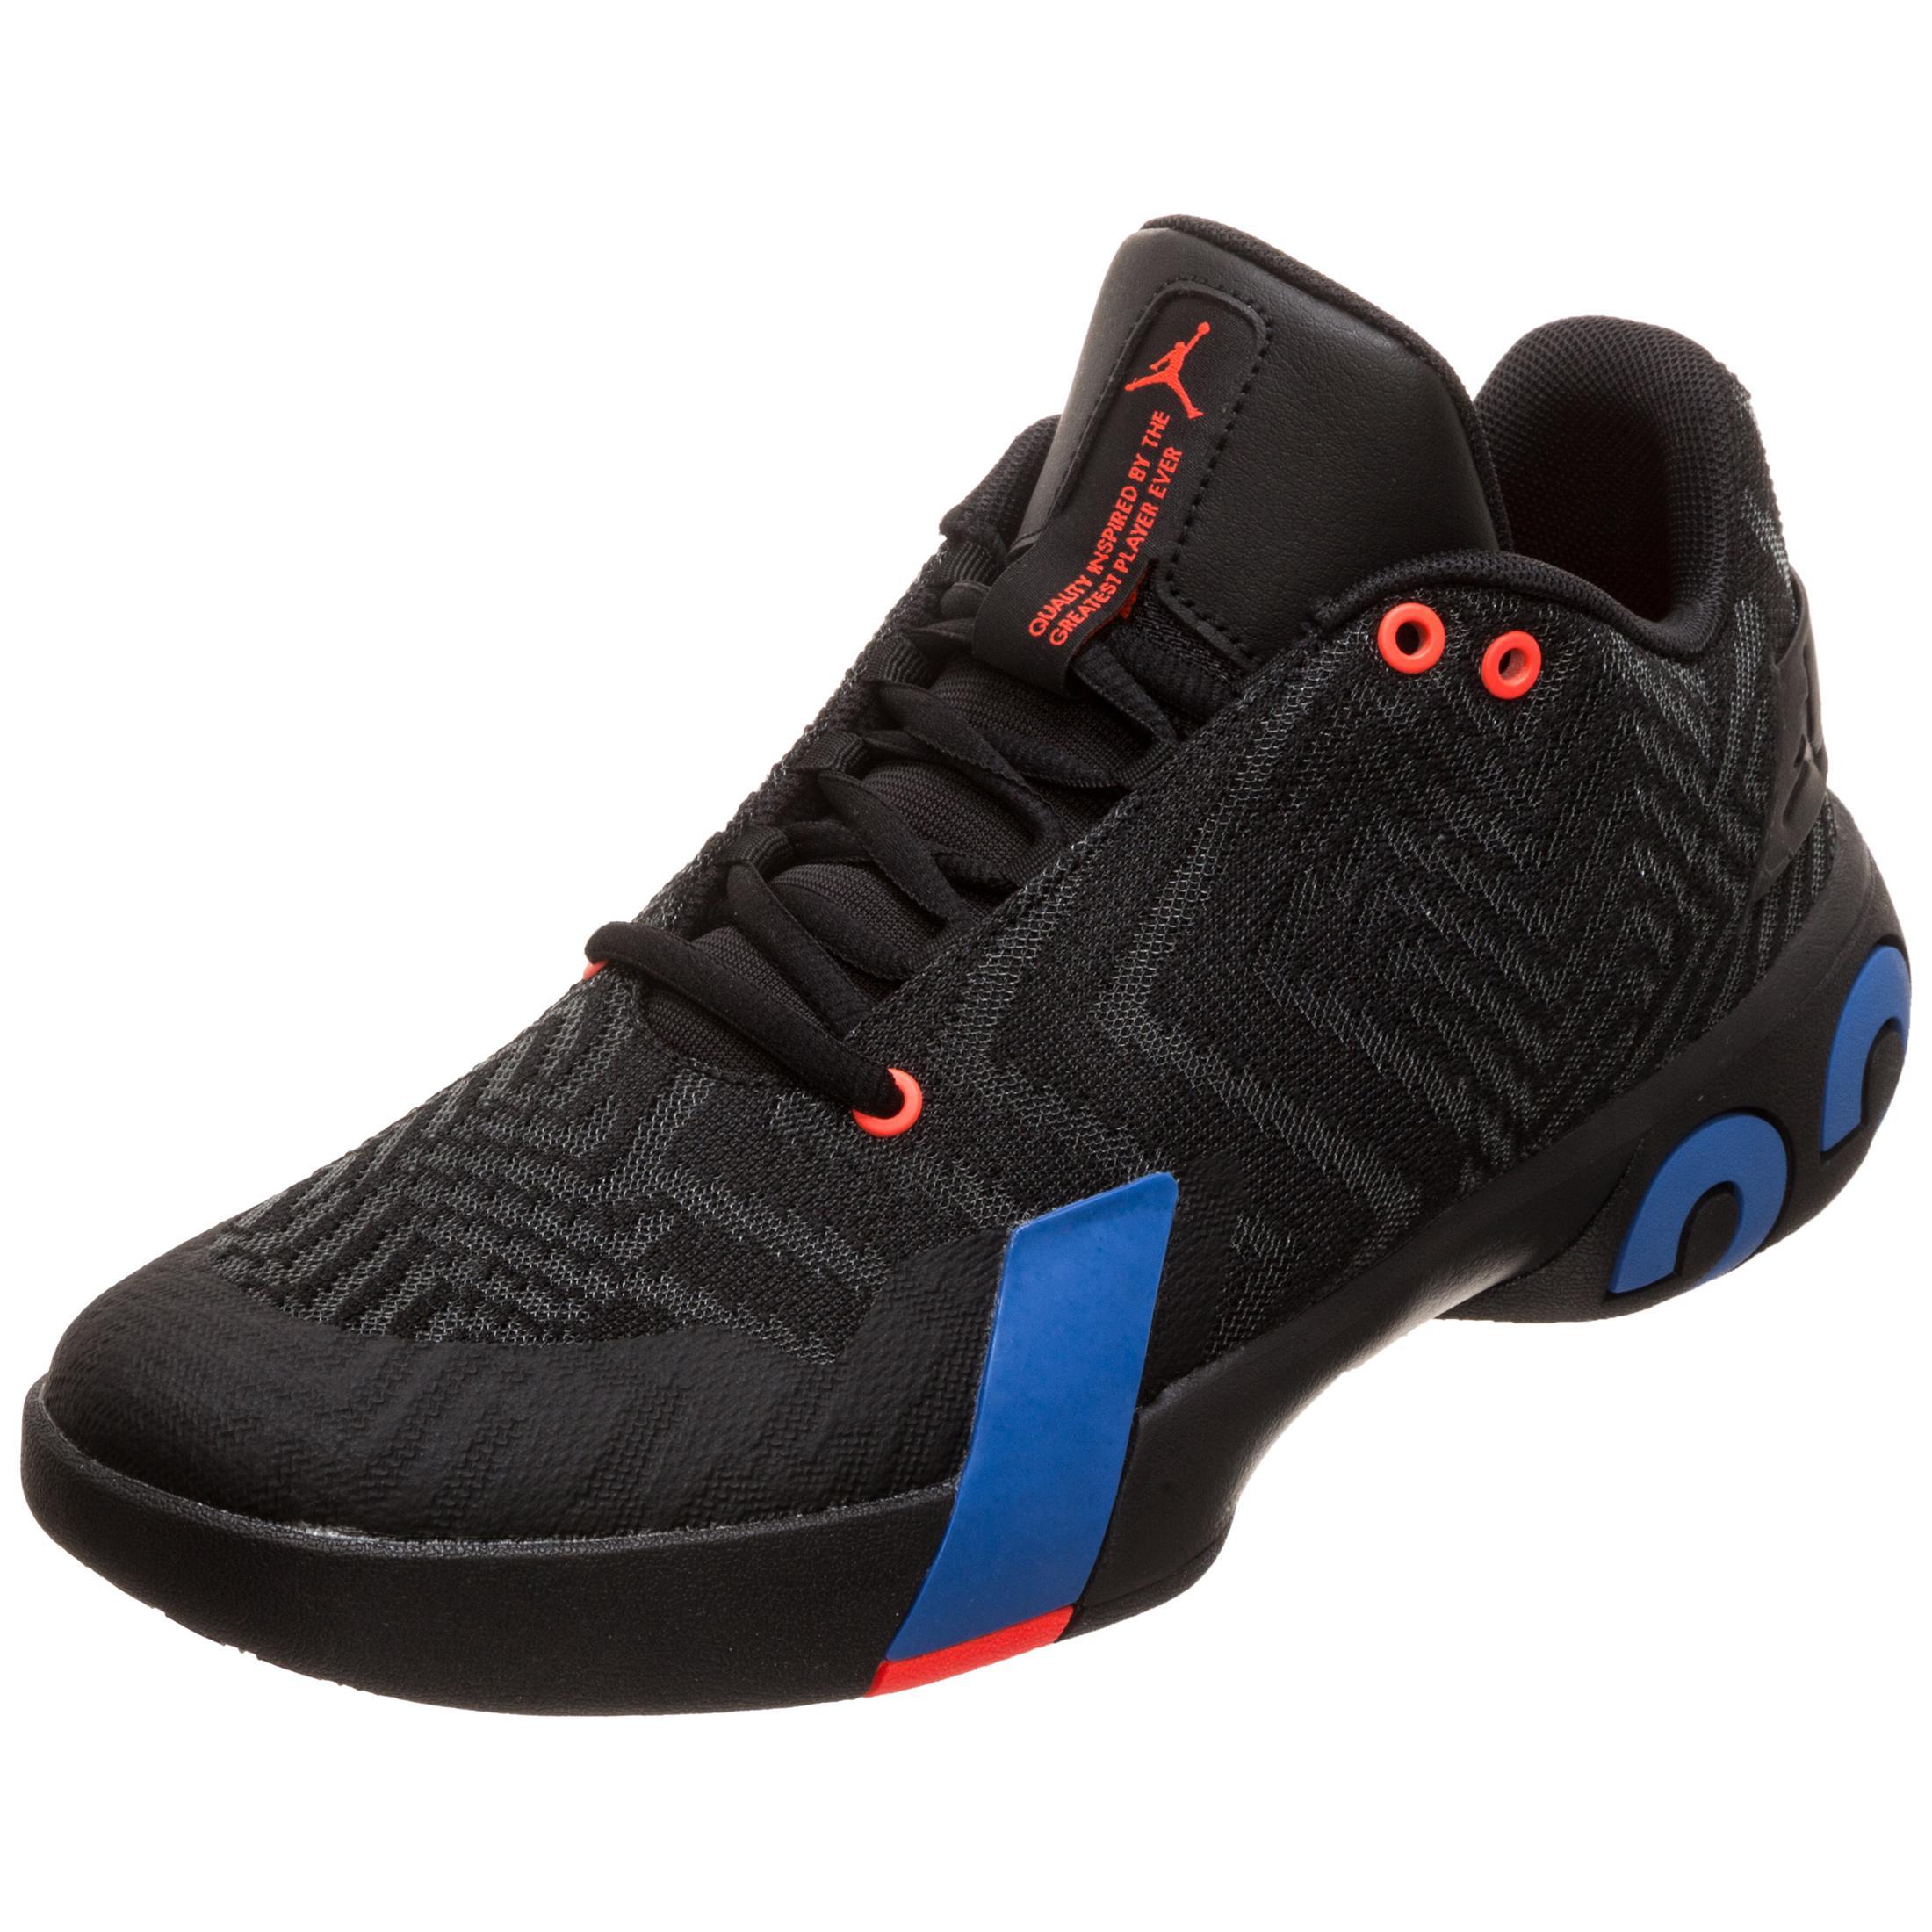 Nike Jordan Ultra.Fly 3 Low Basketballschuhe Herren schwarz     weiß im Online Shop von SportScheck kaufen Gute Qualität beliebte Schuhe fb8907